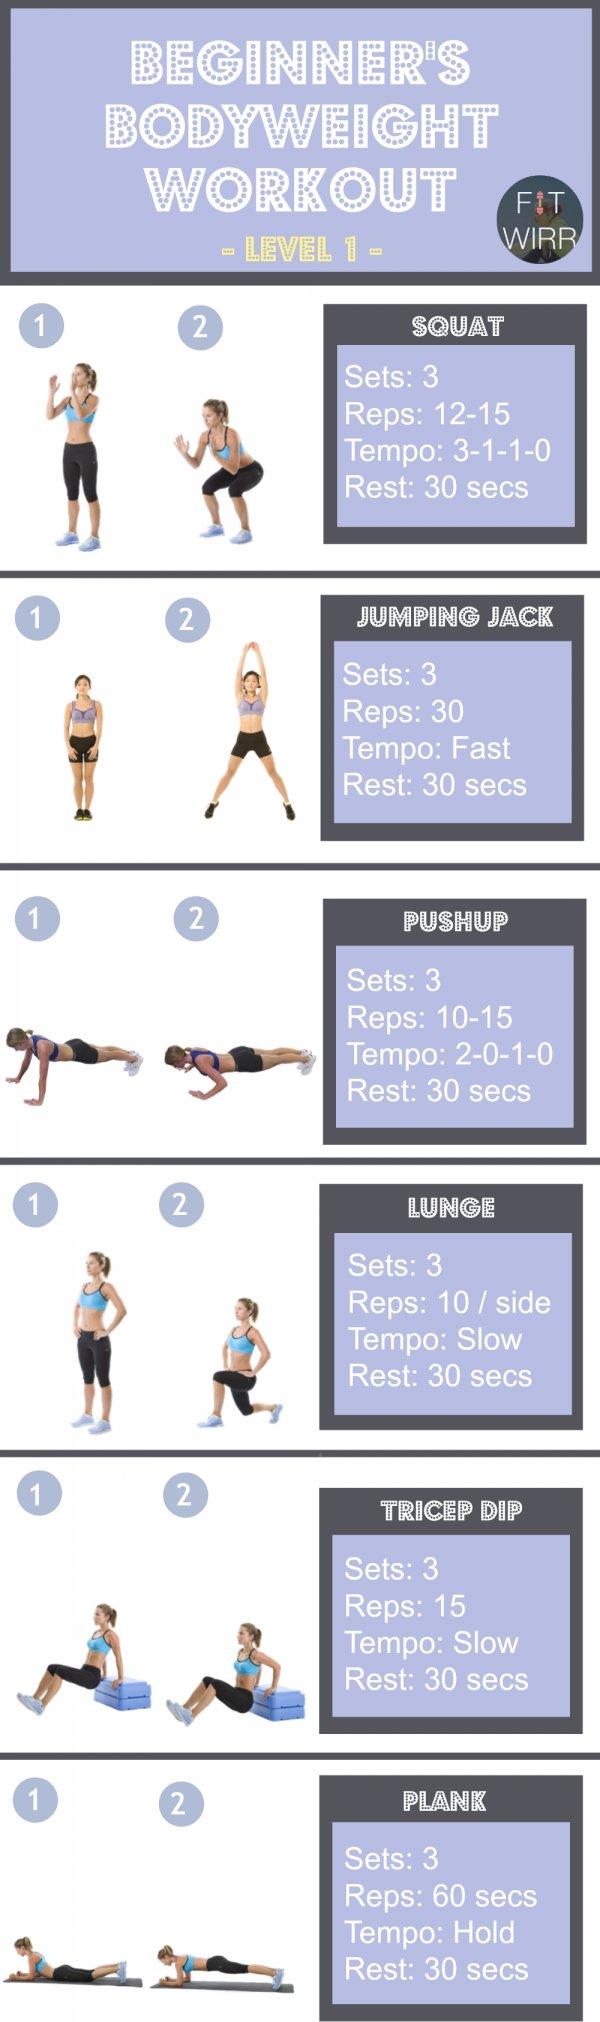 Beginners Bodyweight Workout Level 1